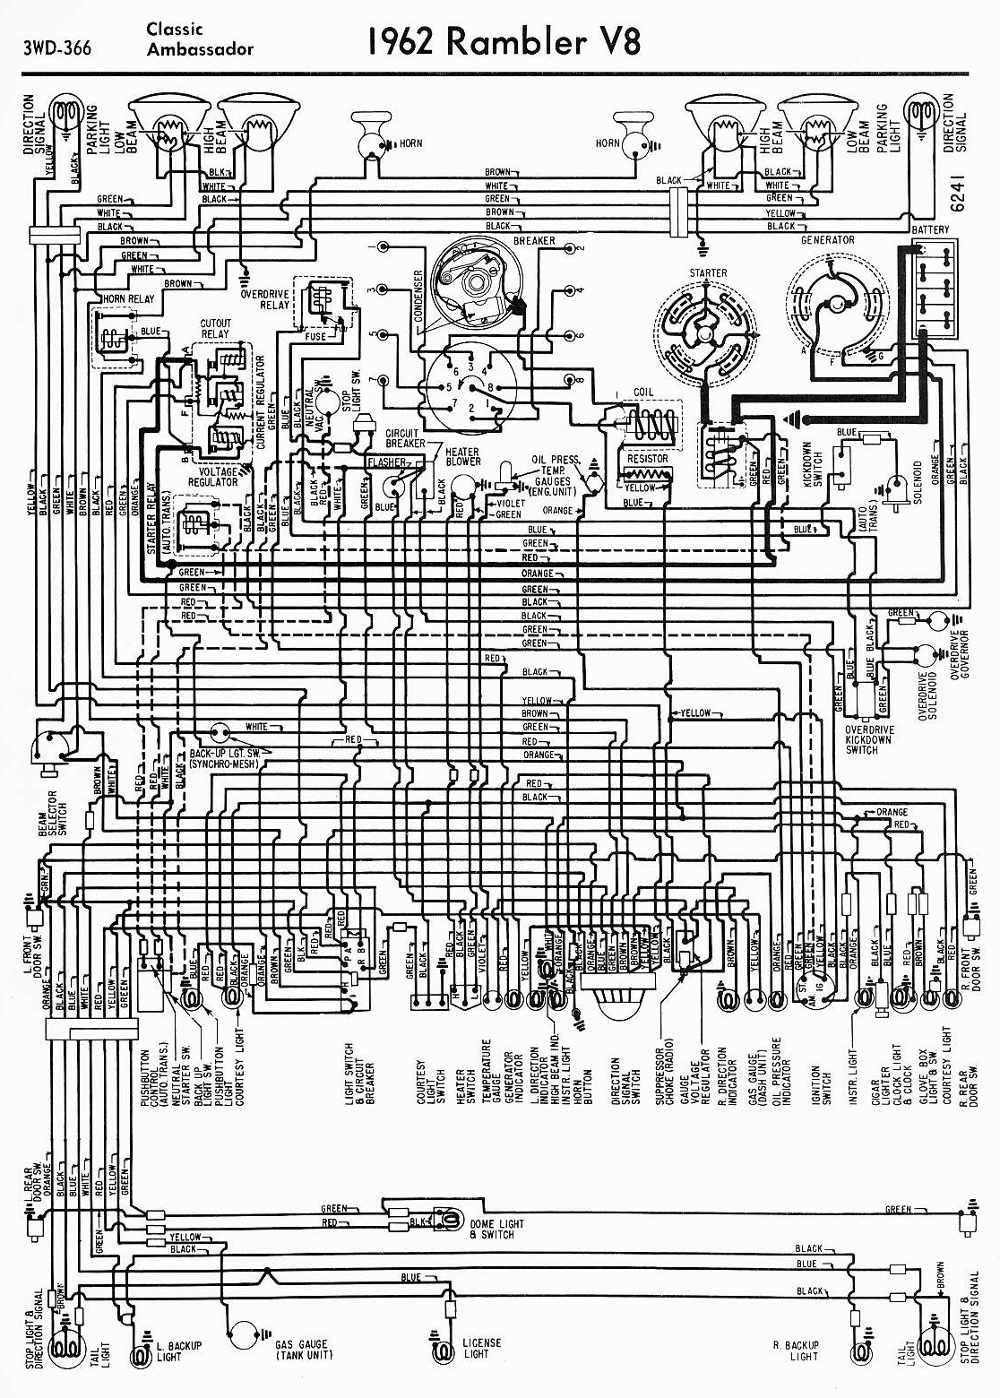 wiring-diagrams-of-1962-AMC-rambler-v8-clic-and-ambador Japanese Car Wiring Diagrams on